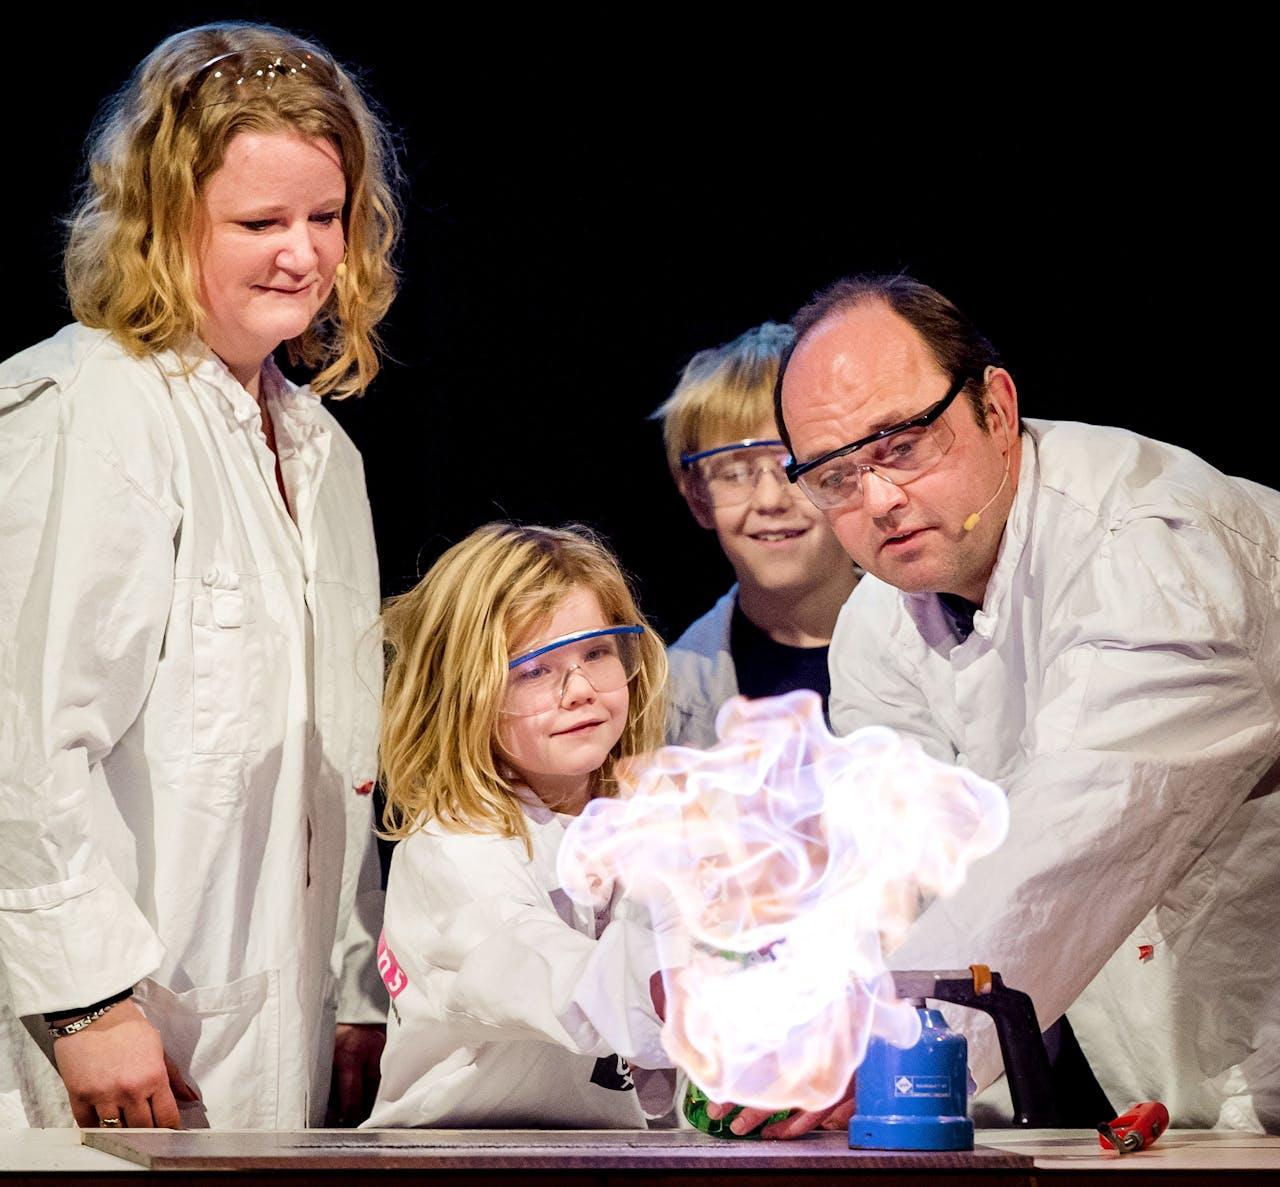 Moniek Tromp, meest links, geeft de wetenschap door.